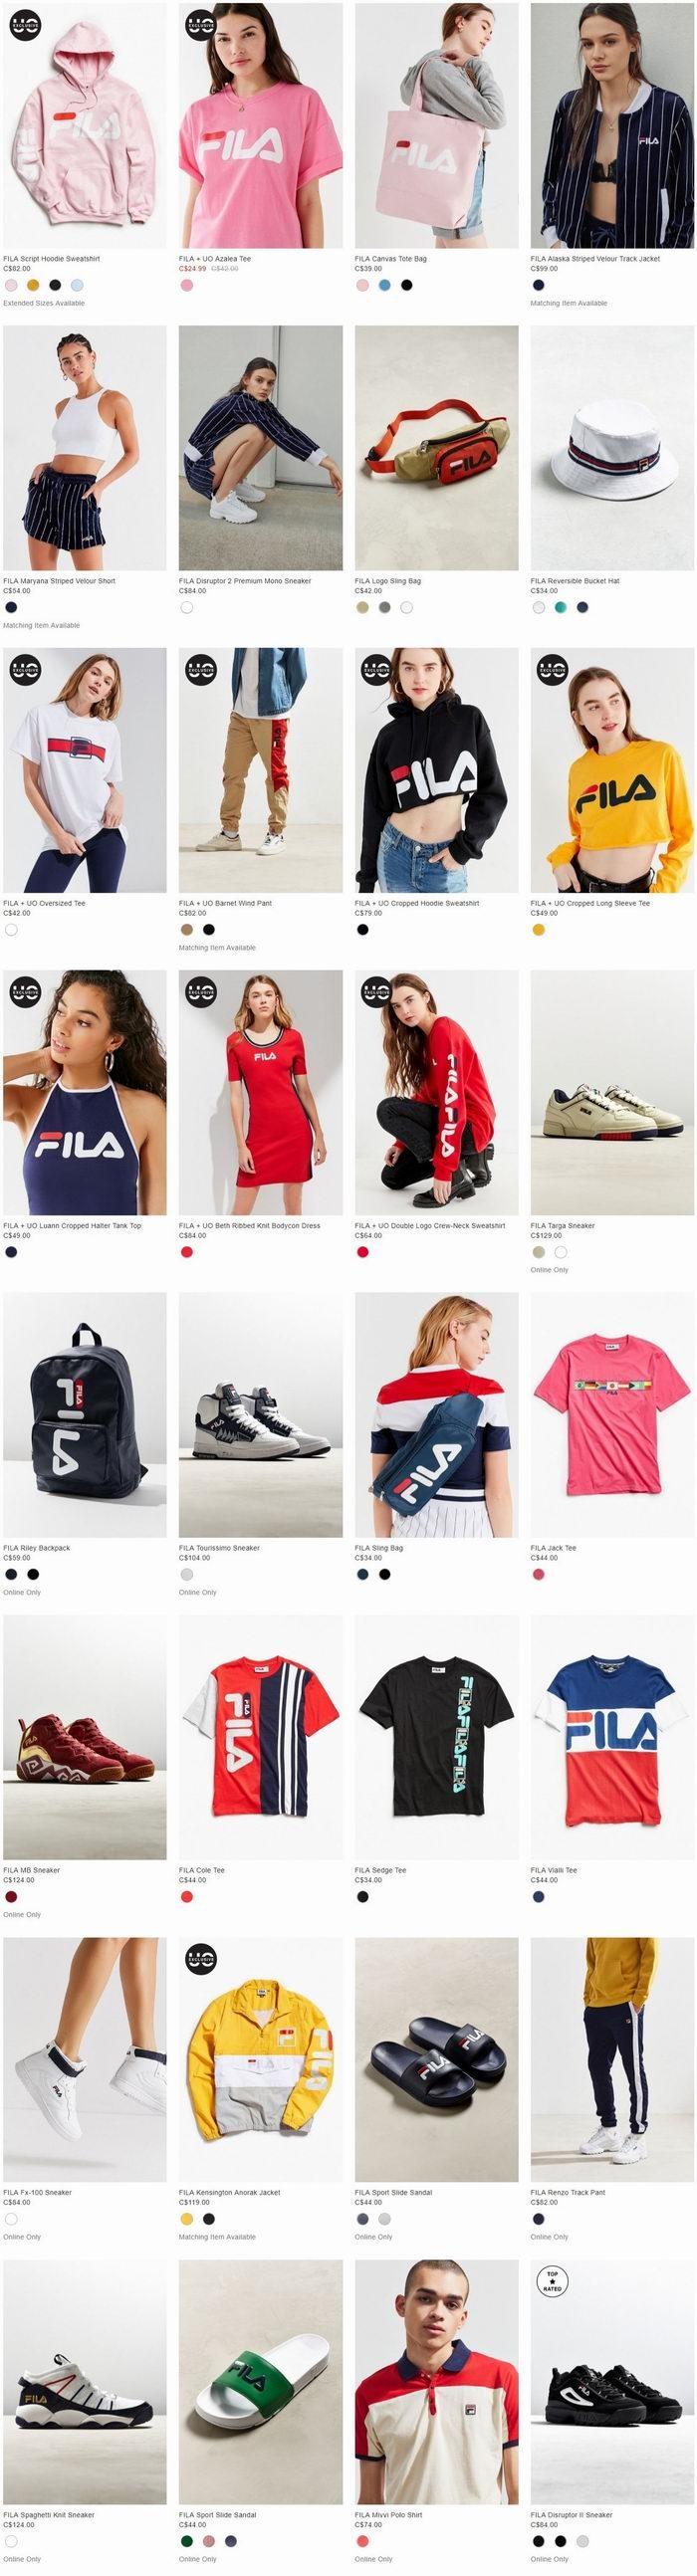 火上天了!FILA X Sanrio 、 FILA X UO合作新款美爆了  卫衣、卫裤、运动鞋 8.7折优惠!